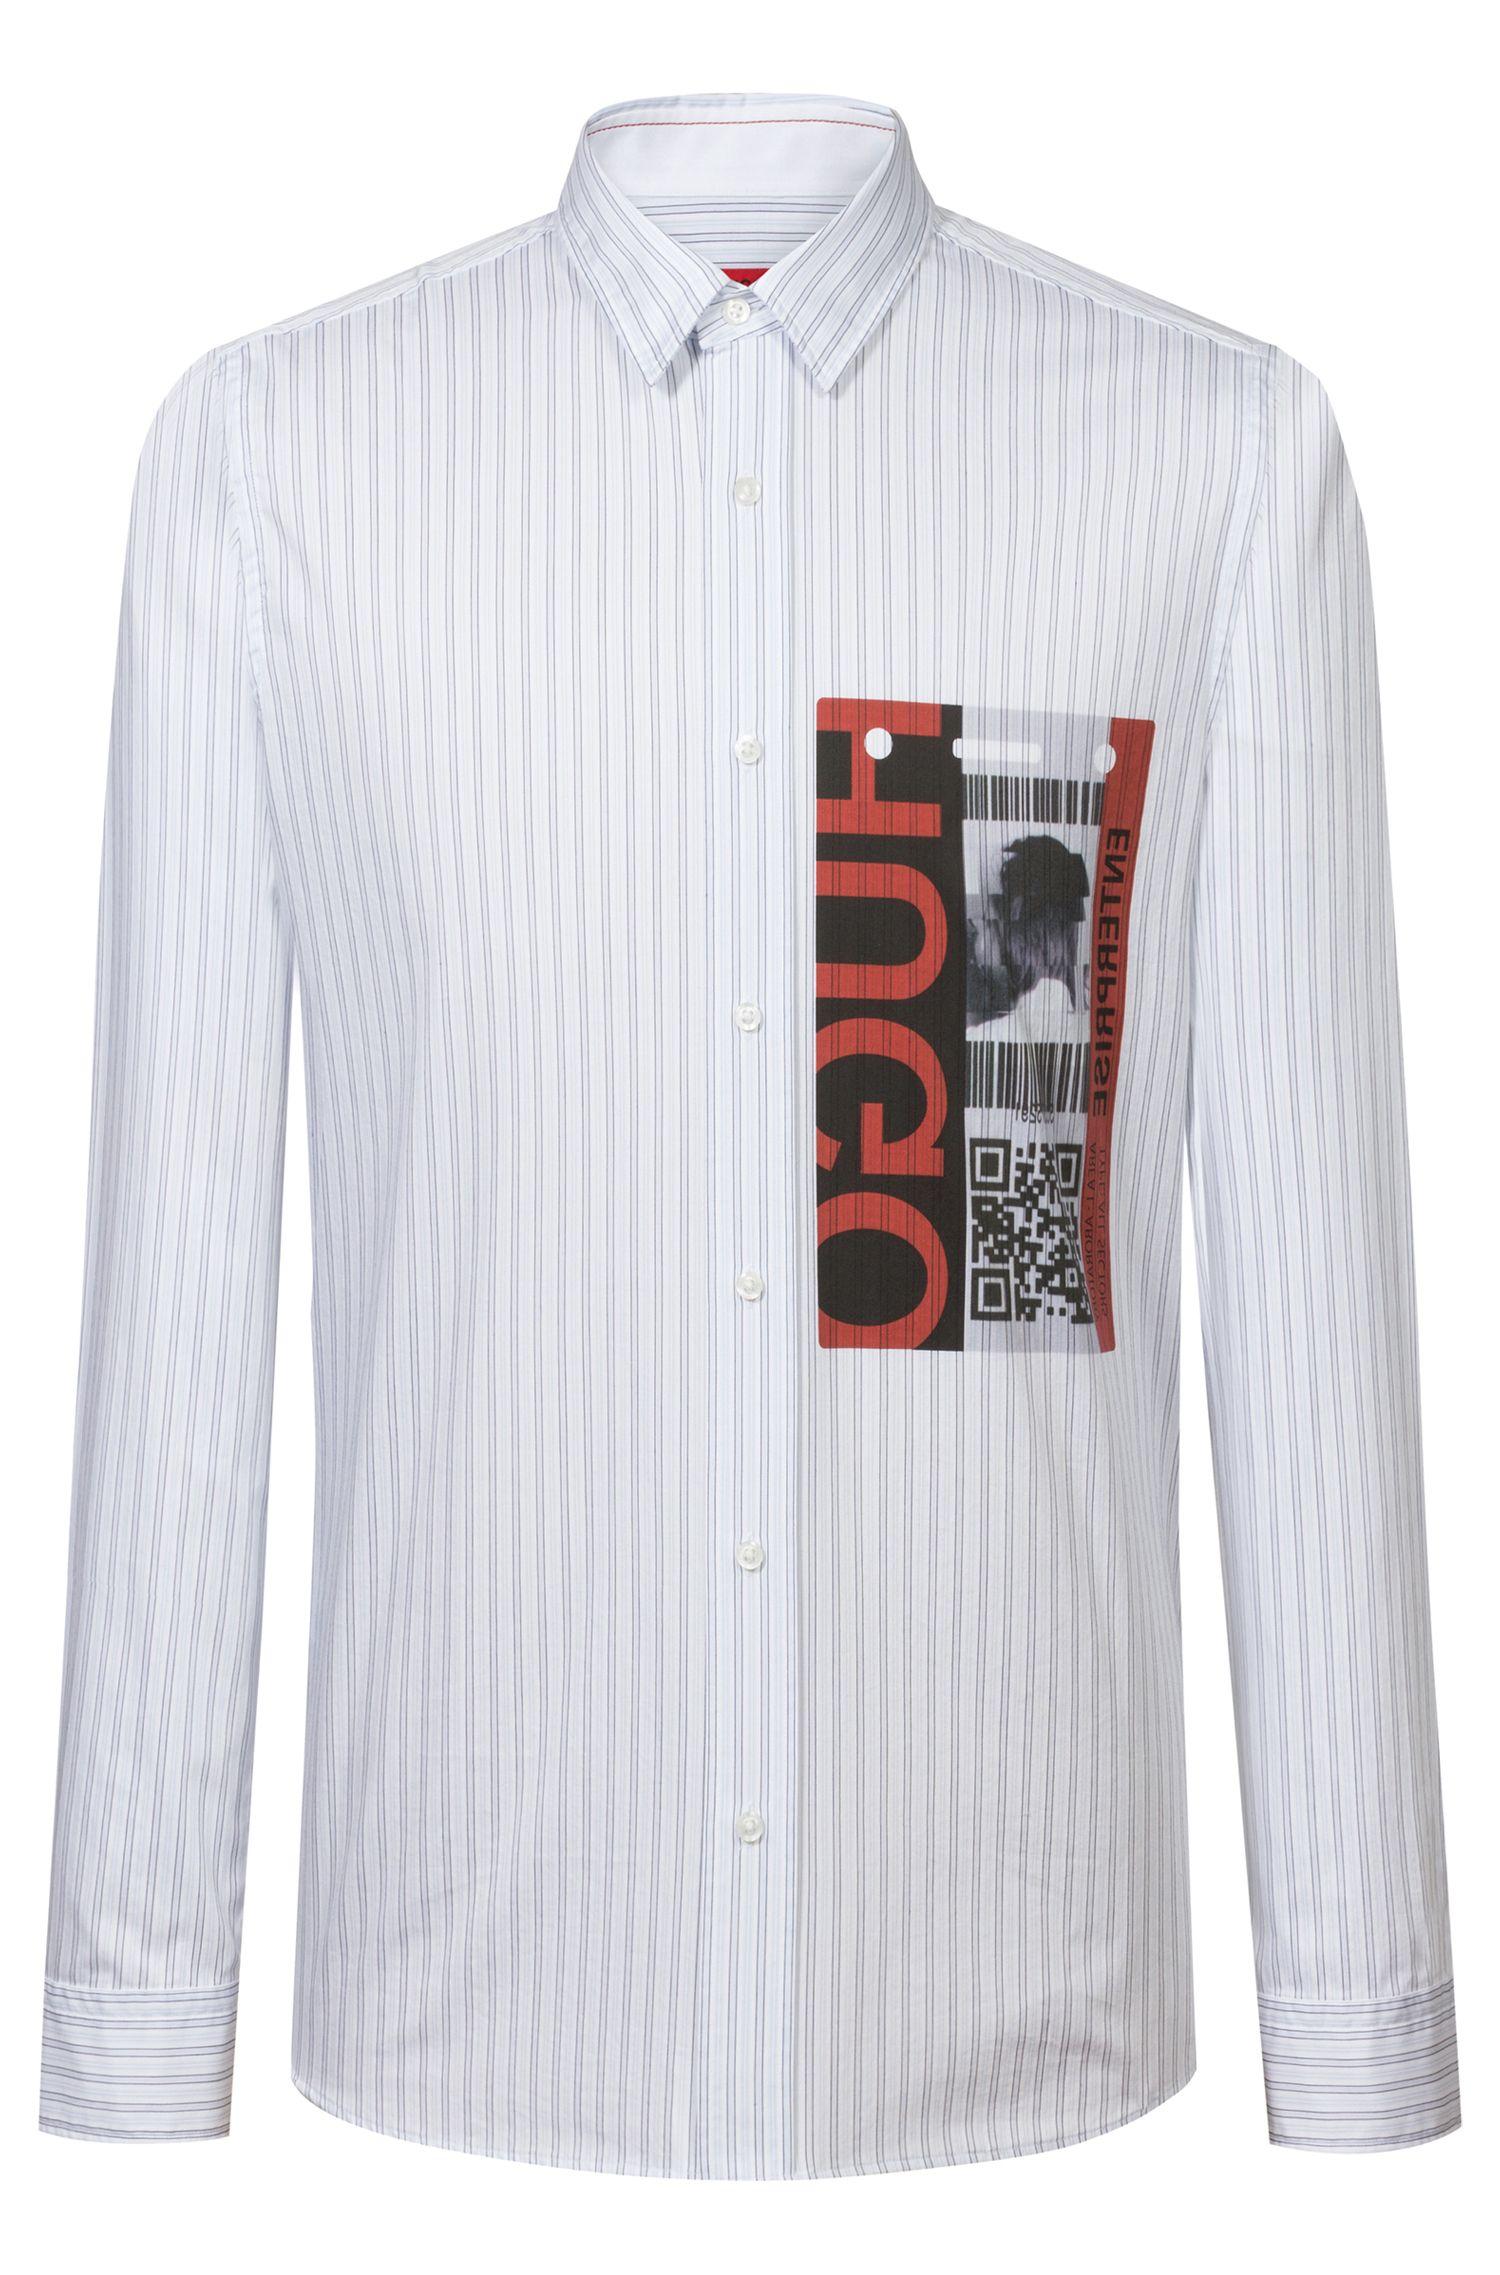 Camisa relaxed fit con estampado gráfico y código QR, Celeste